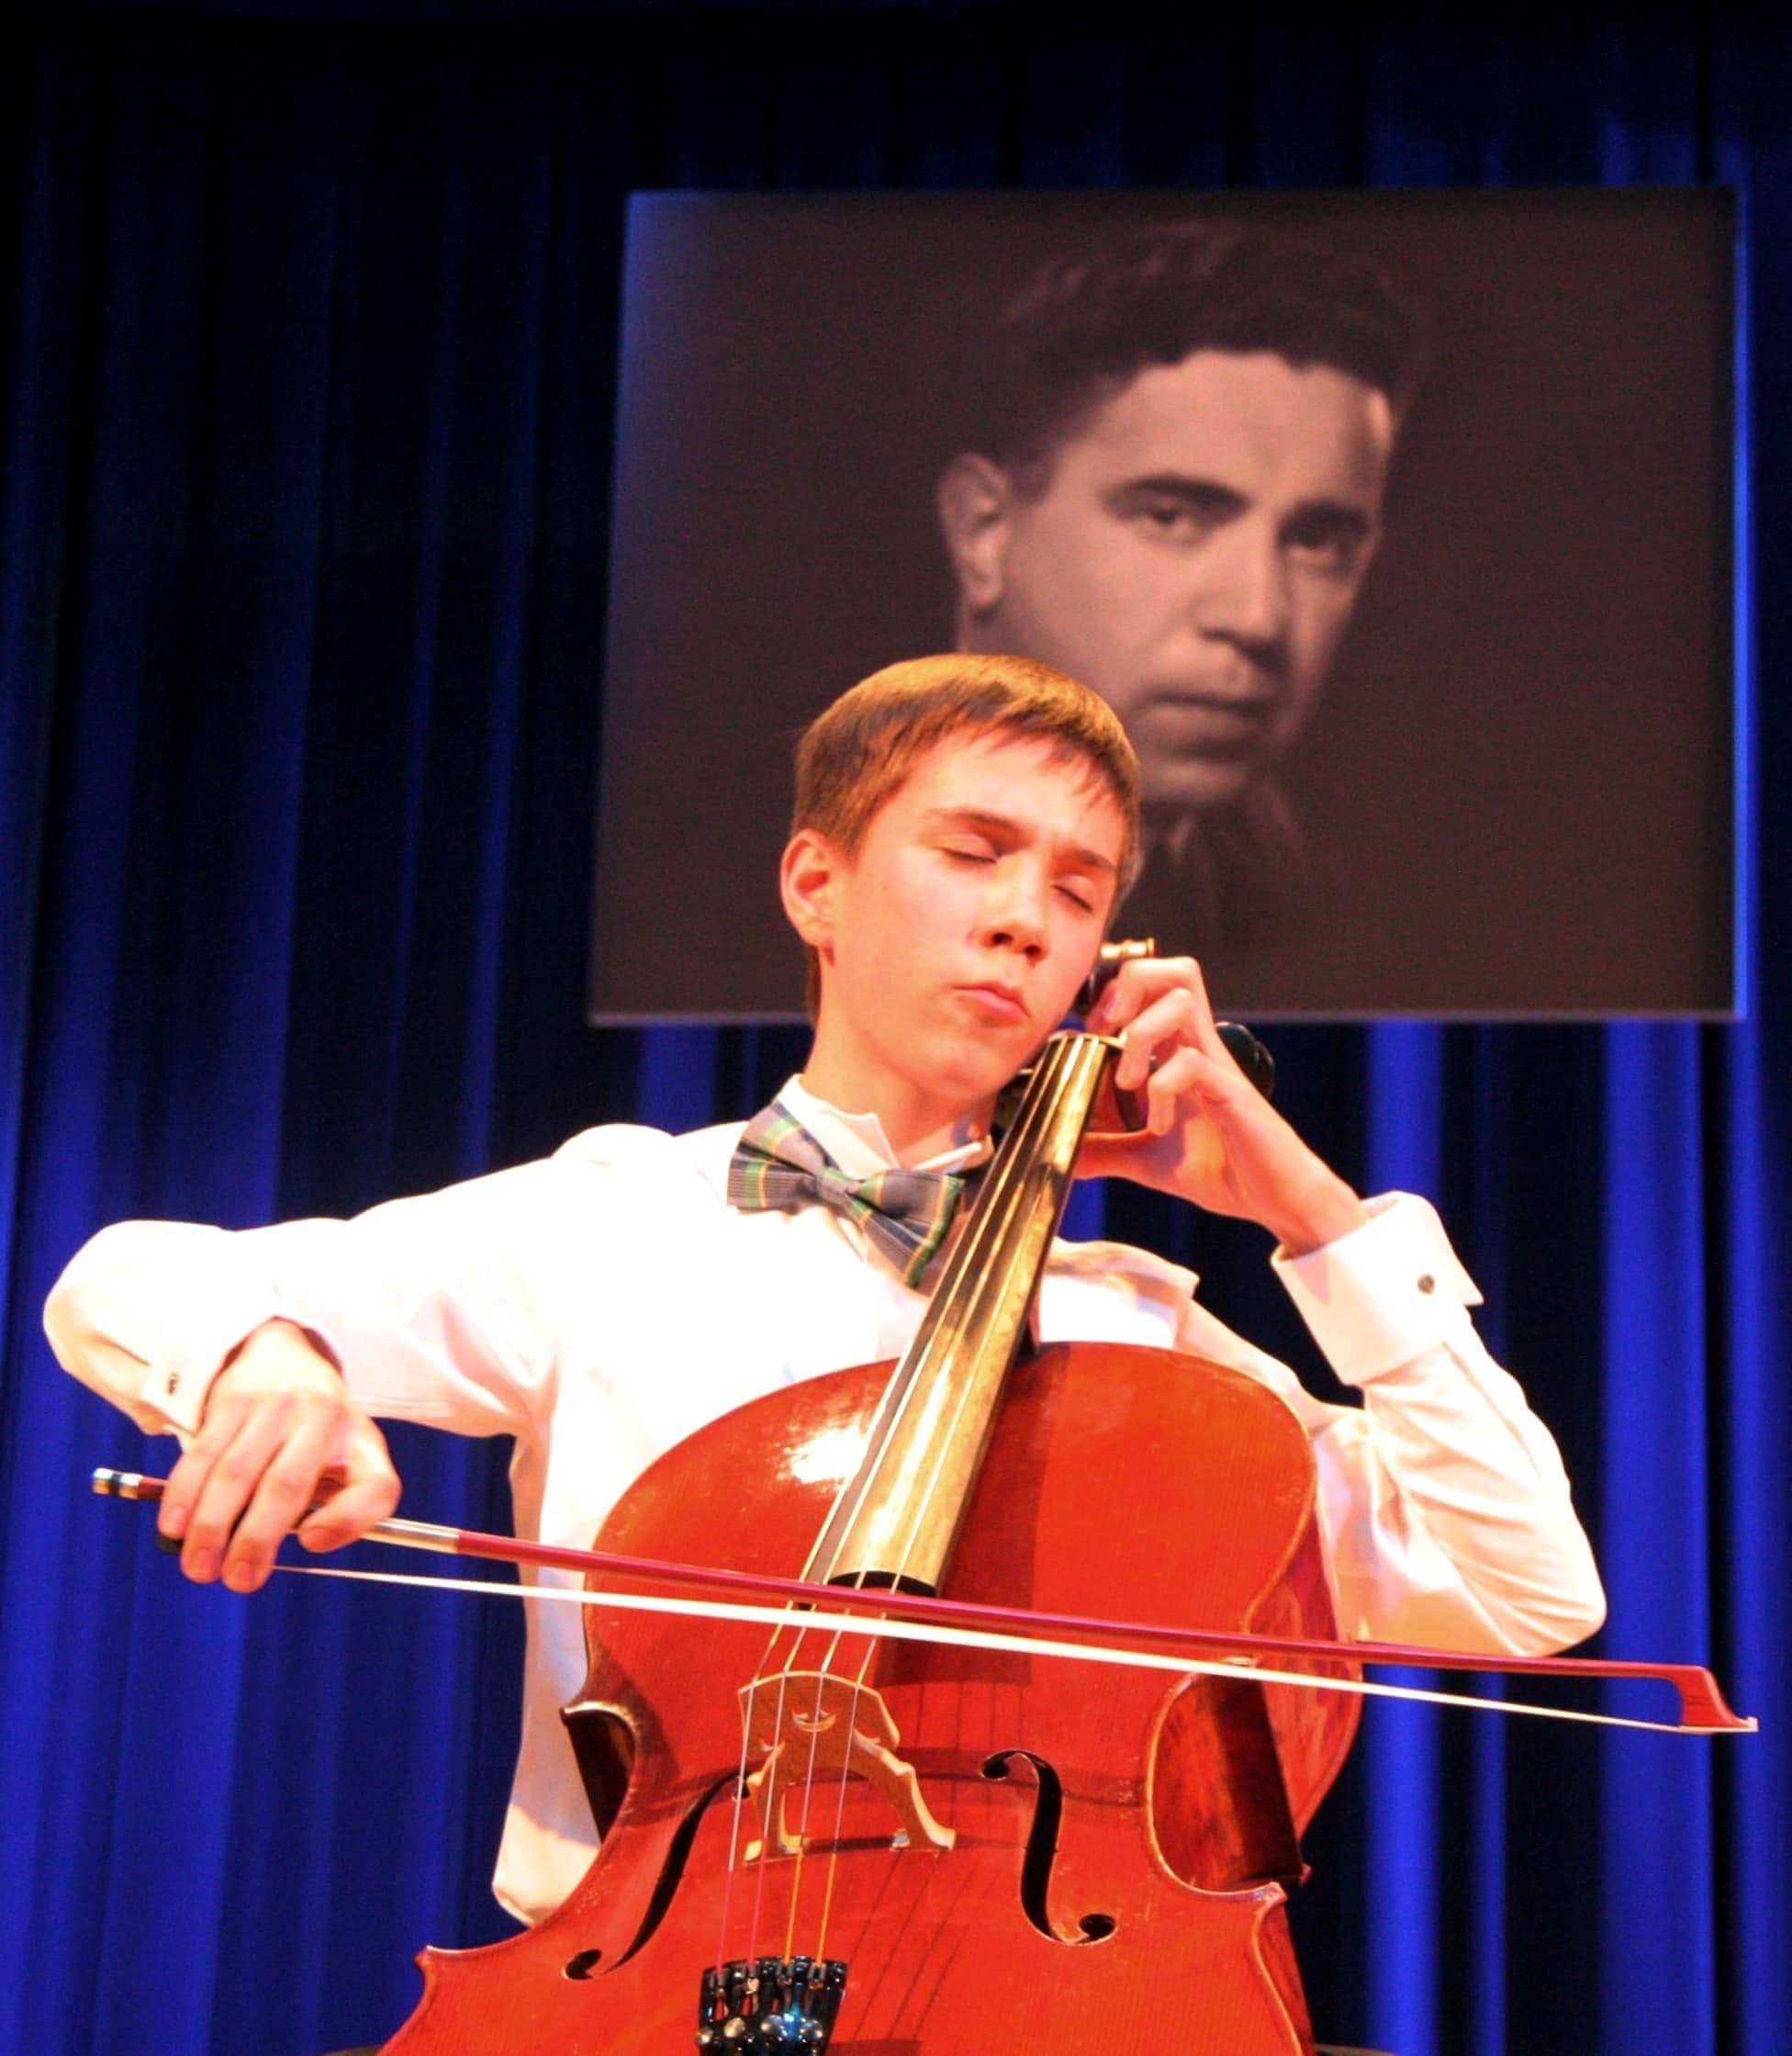 Михаил Махнач, лауреат конкурса 2016 года. Фото - Д. Петрошенко